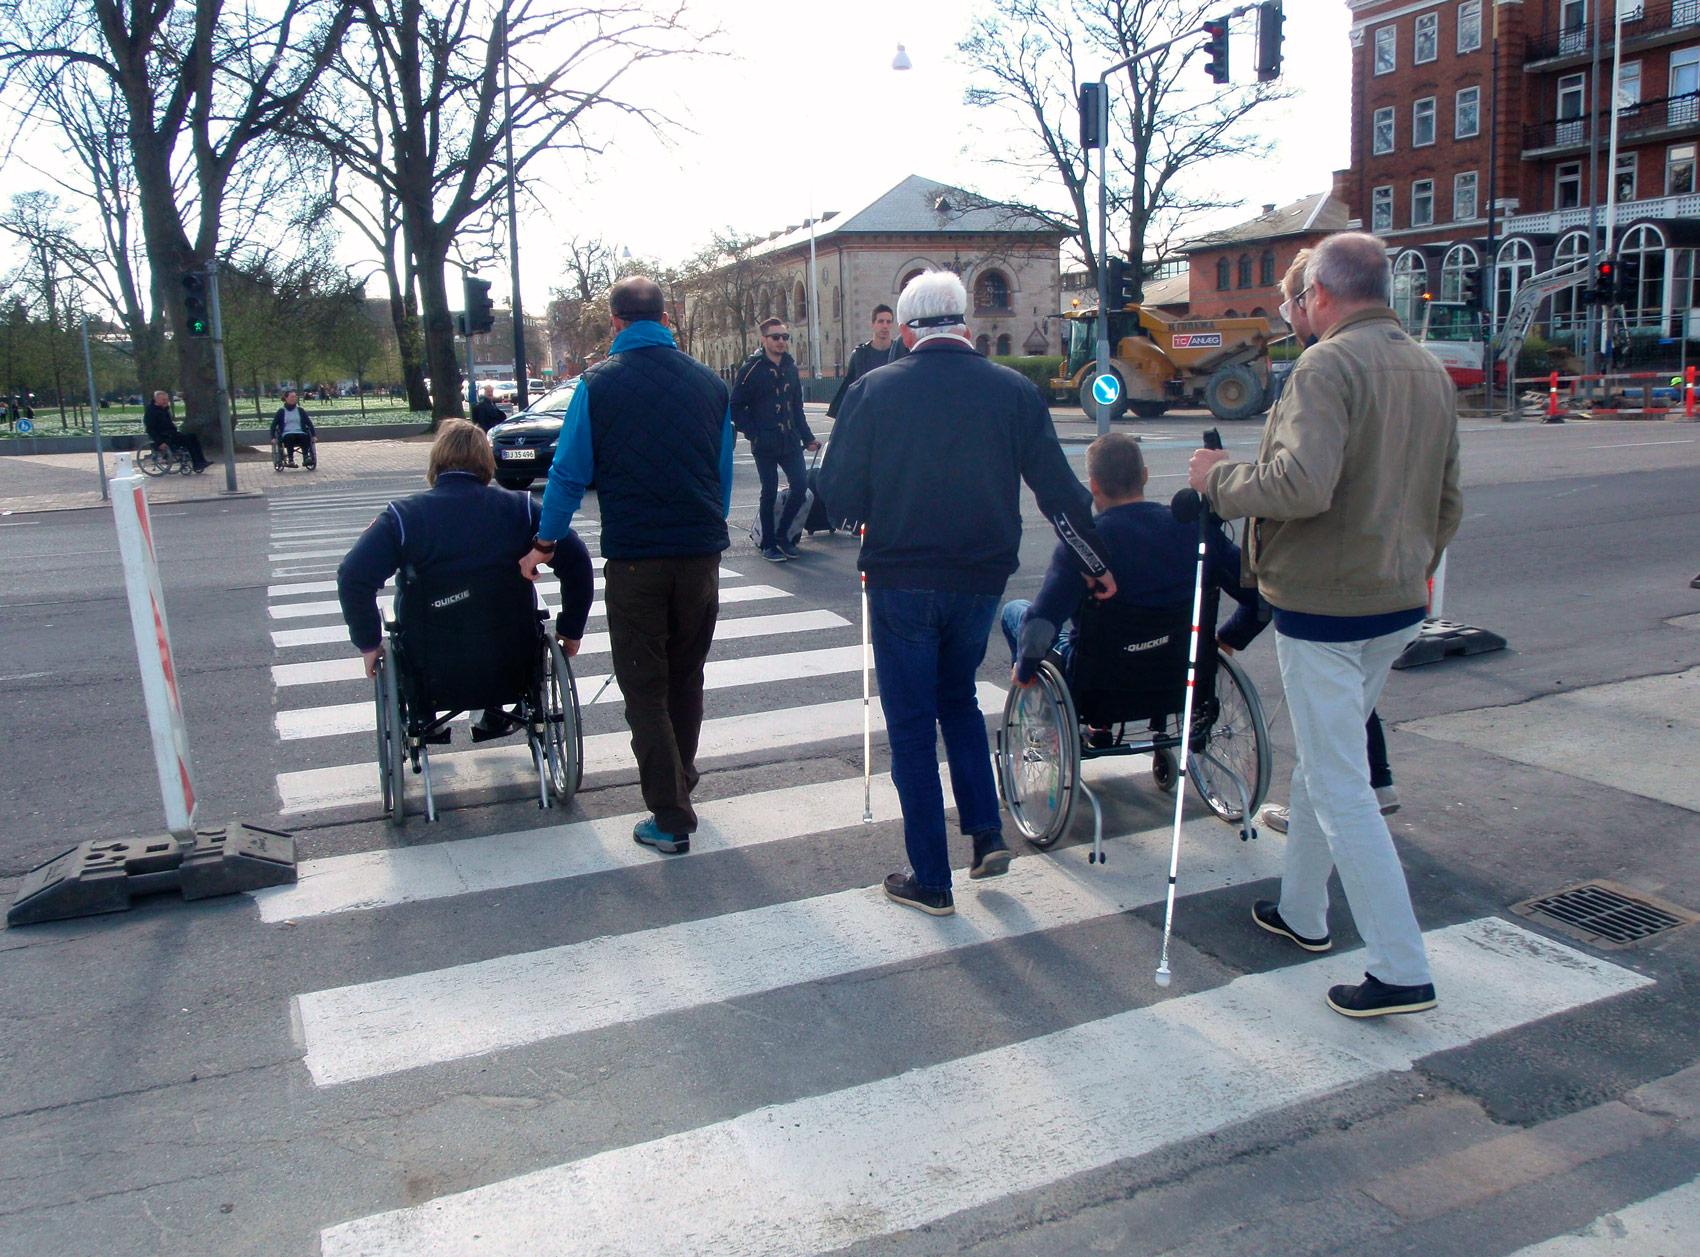 En gruppe på prøv-selv-kursus i kørestol eller med bind for øjnene krydser vejen ved fodgængerovergang